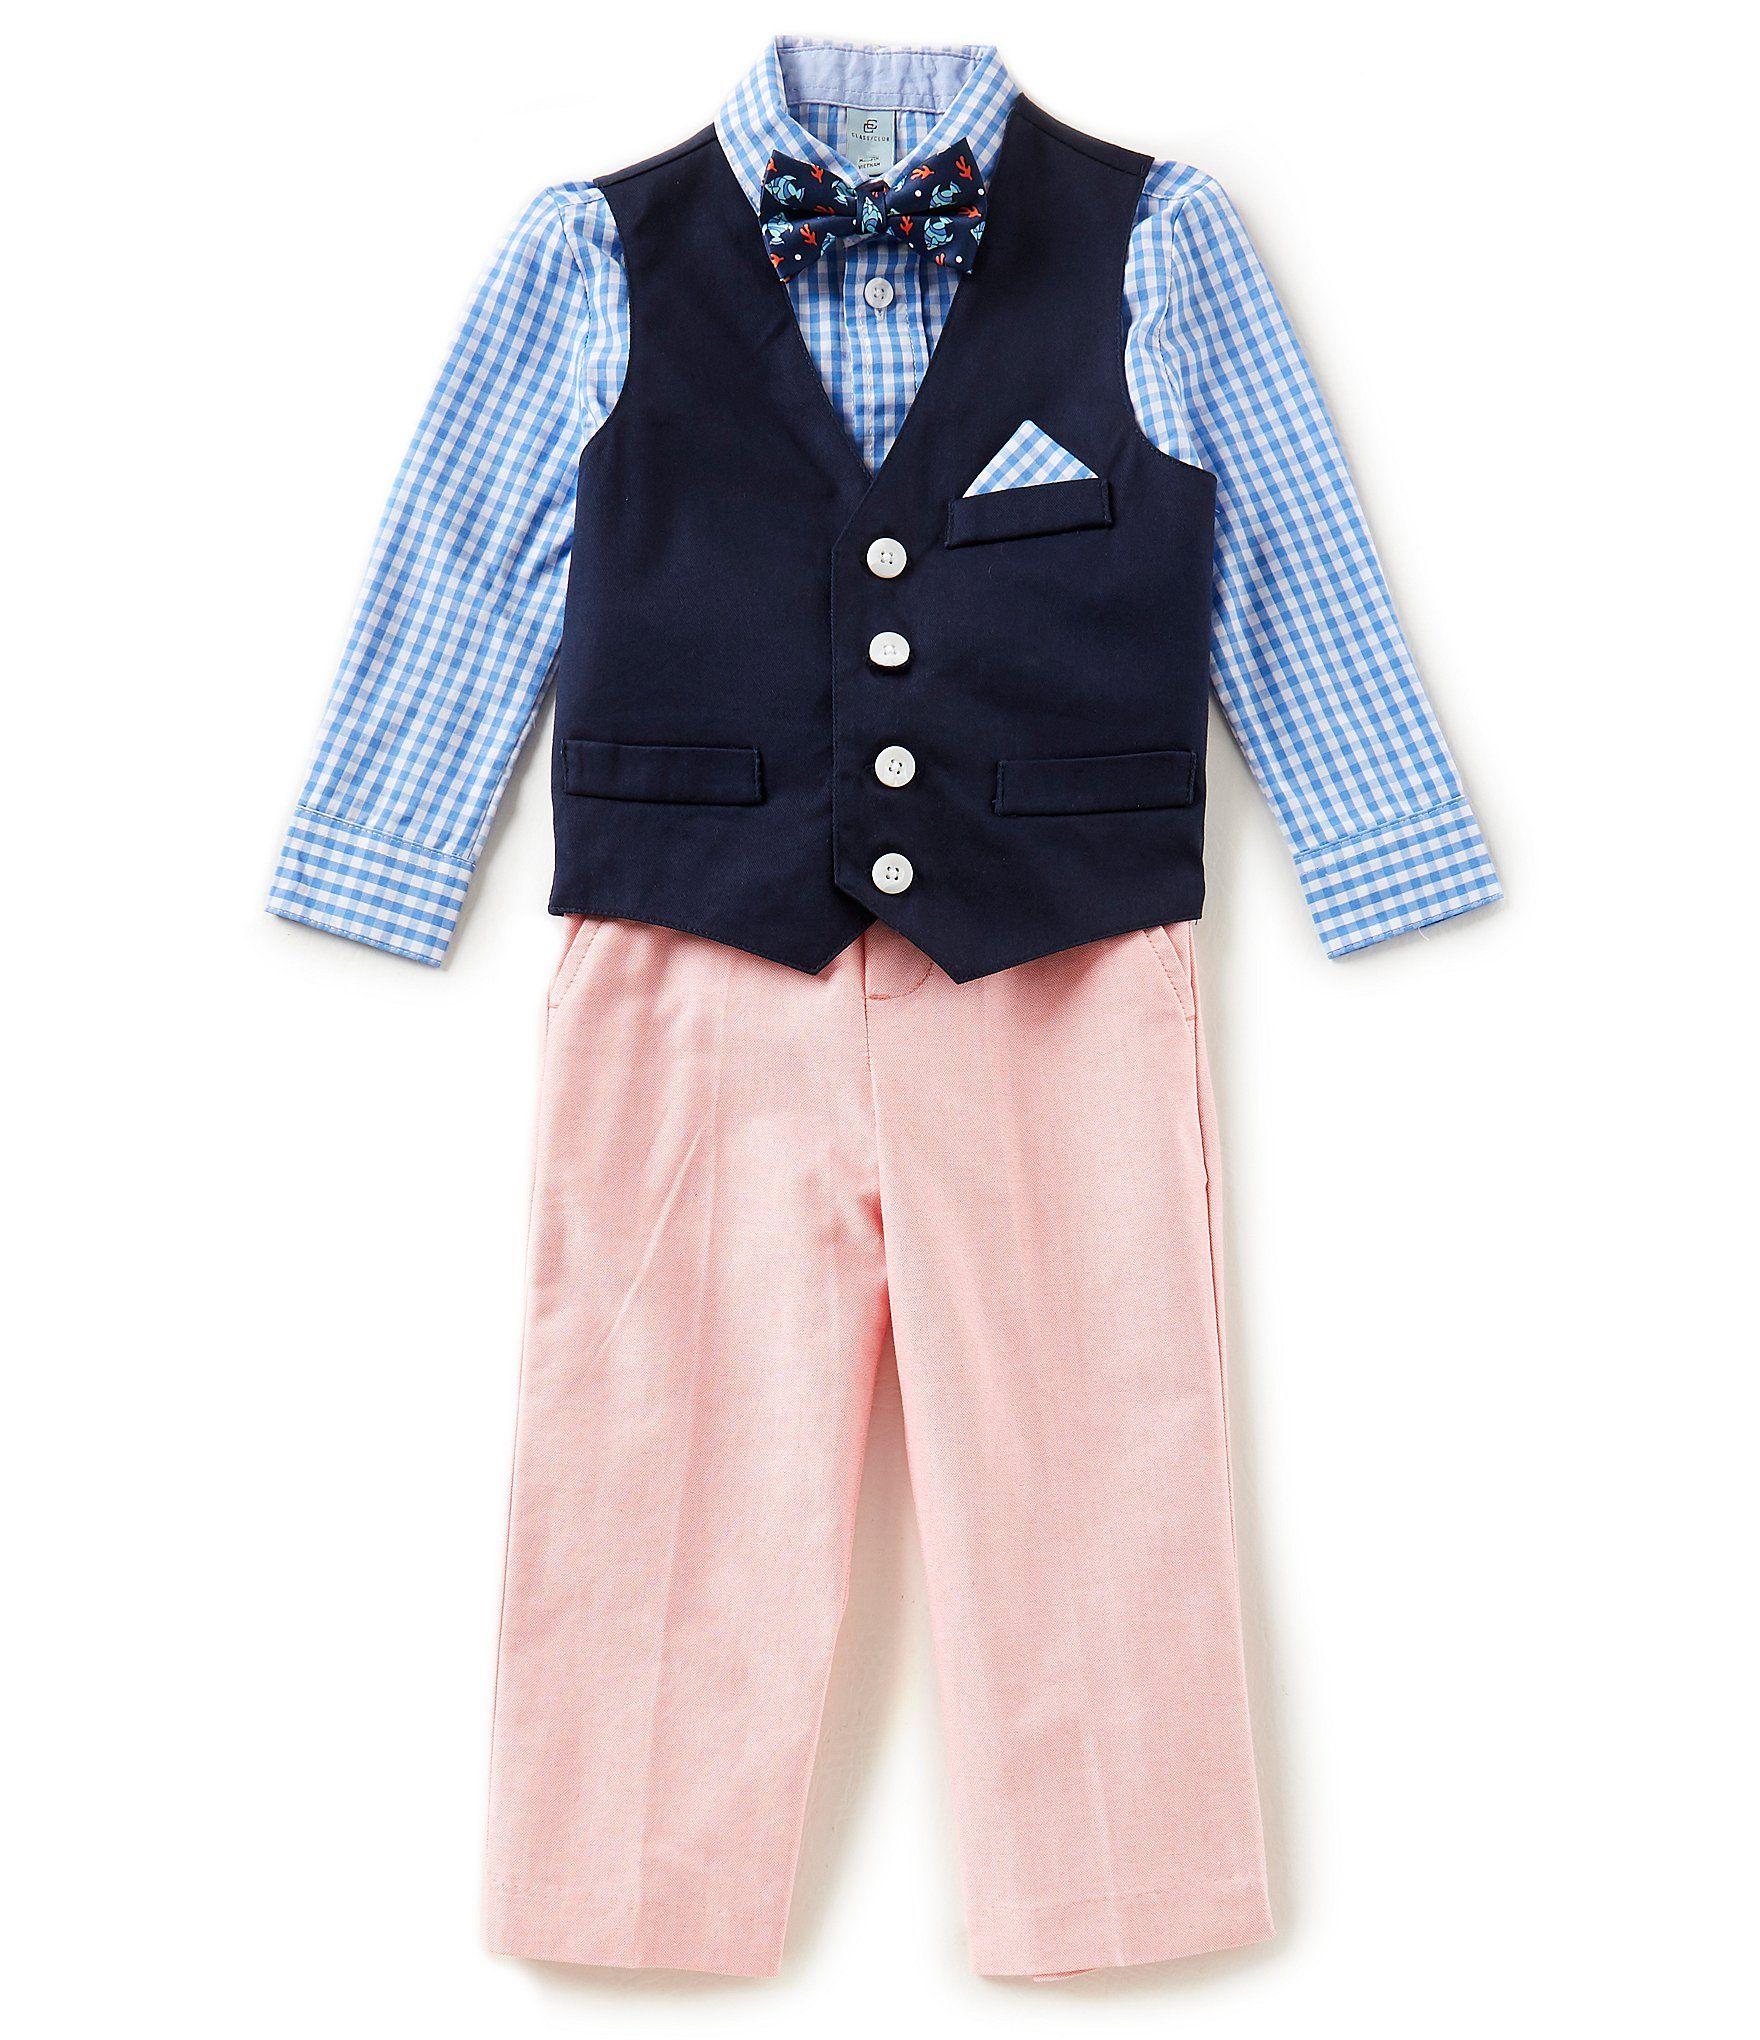 4184af9bddec Class Club Little Boys 2T7 Checked ButtonDown Shirt Vest Pants and Fish Bow  Tie 4Piece Suit Set #Dillards